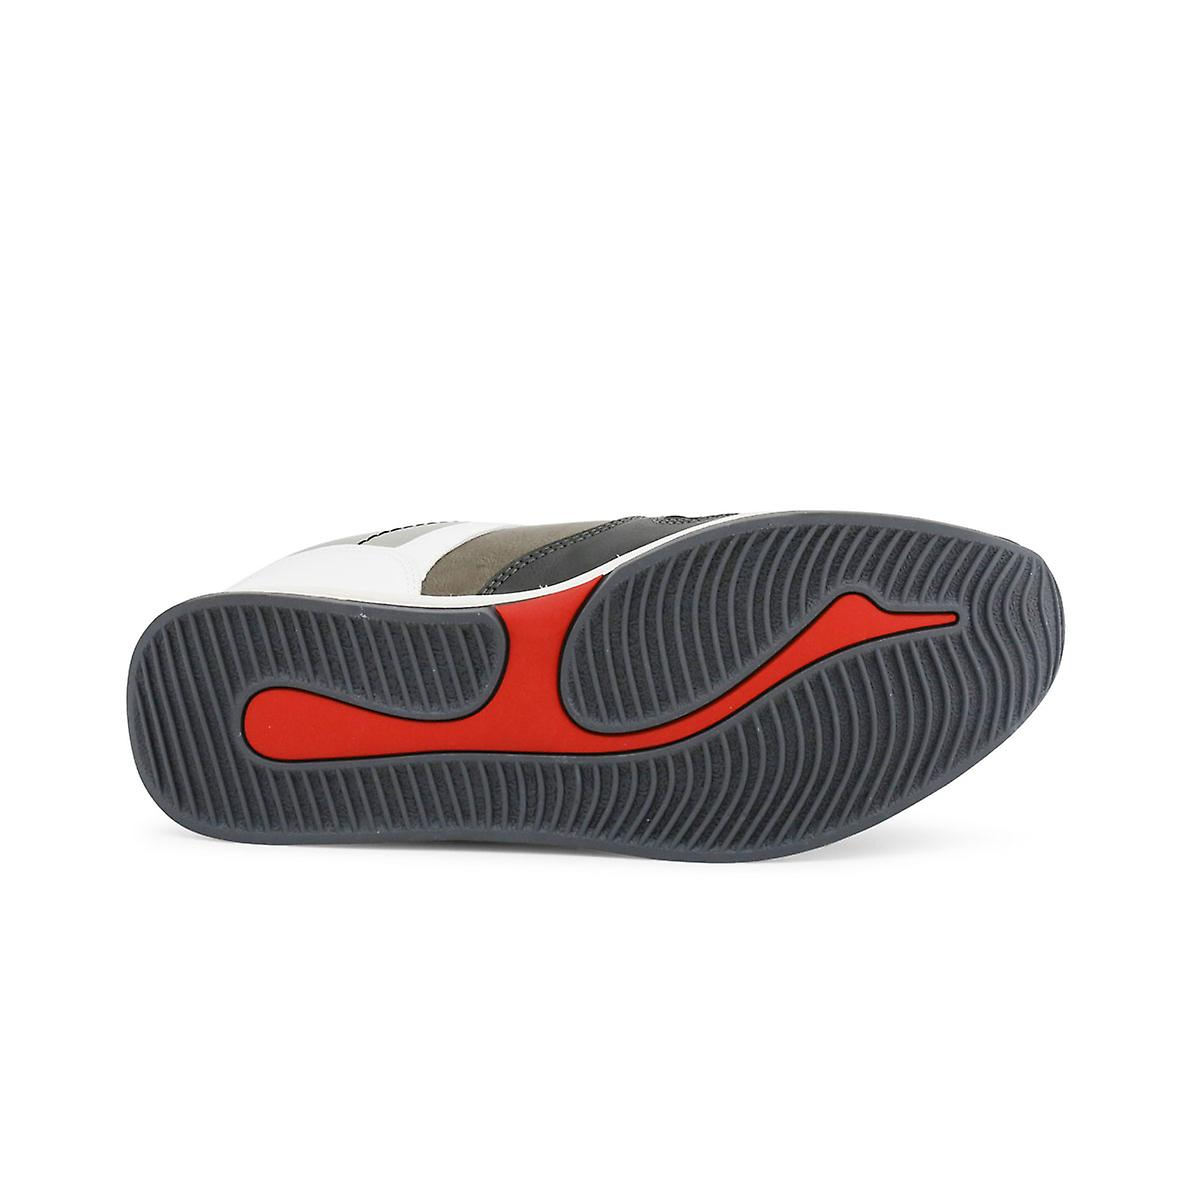 Duca di Morrone Original Men All Year Sneakers - Grey Color 29844 OBNKg2